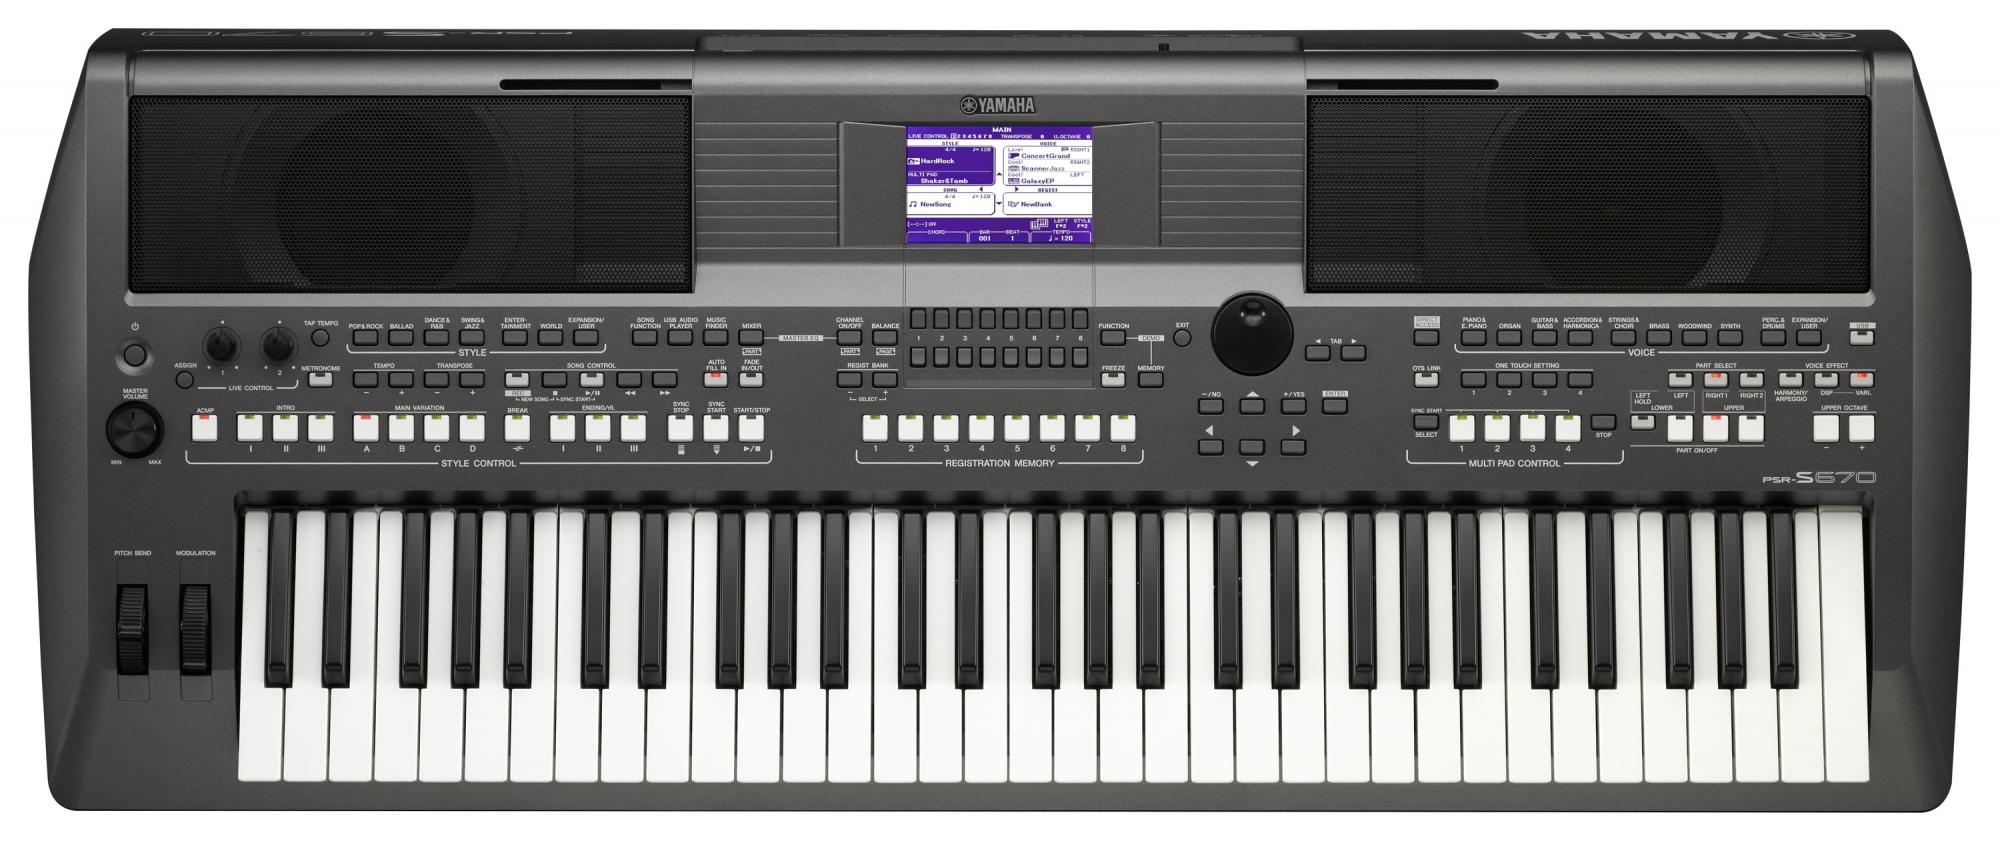 Yamaha PSR-S670 Digital Keyboard - Sort